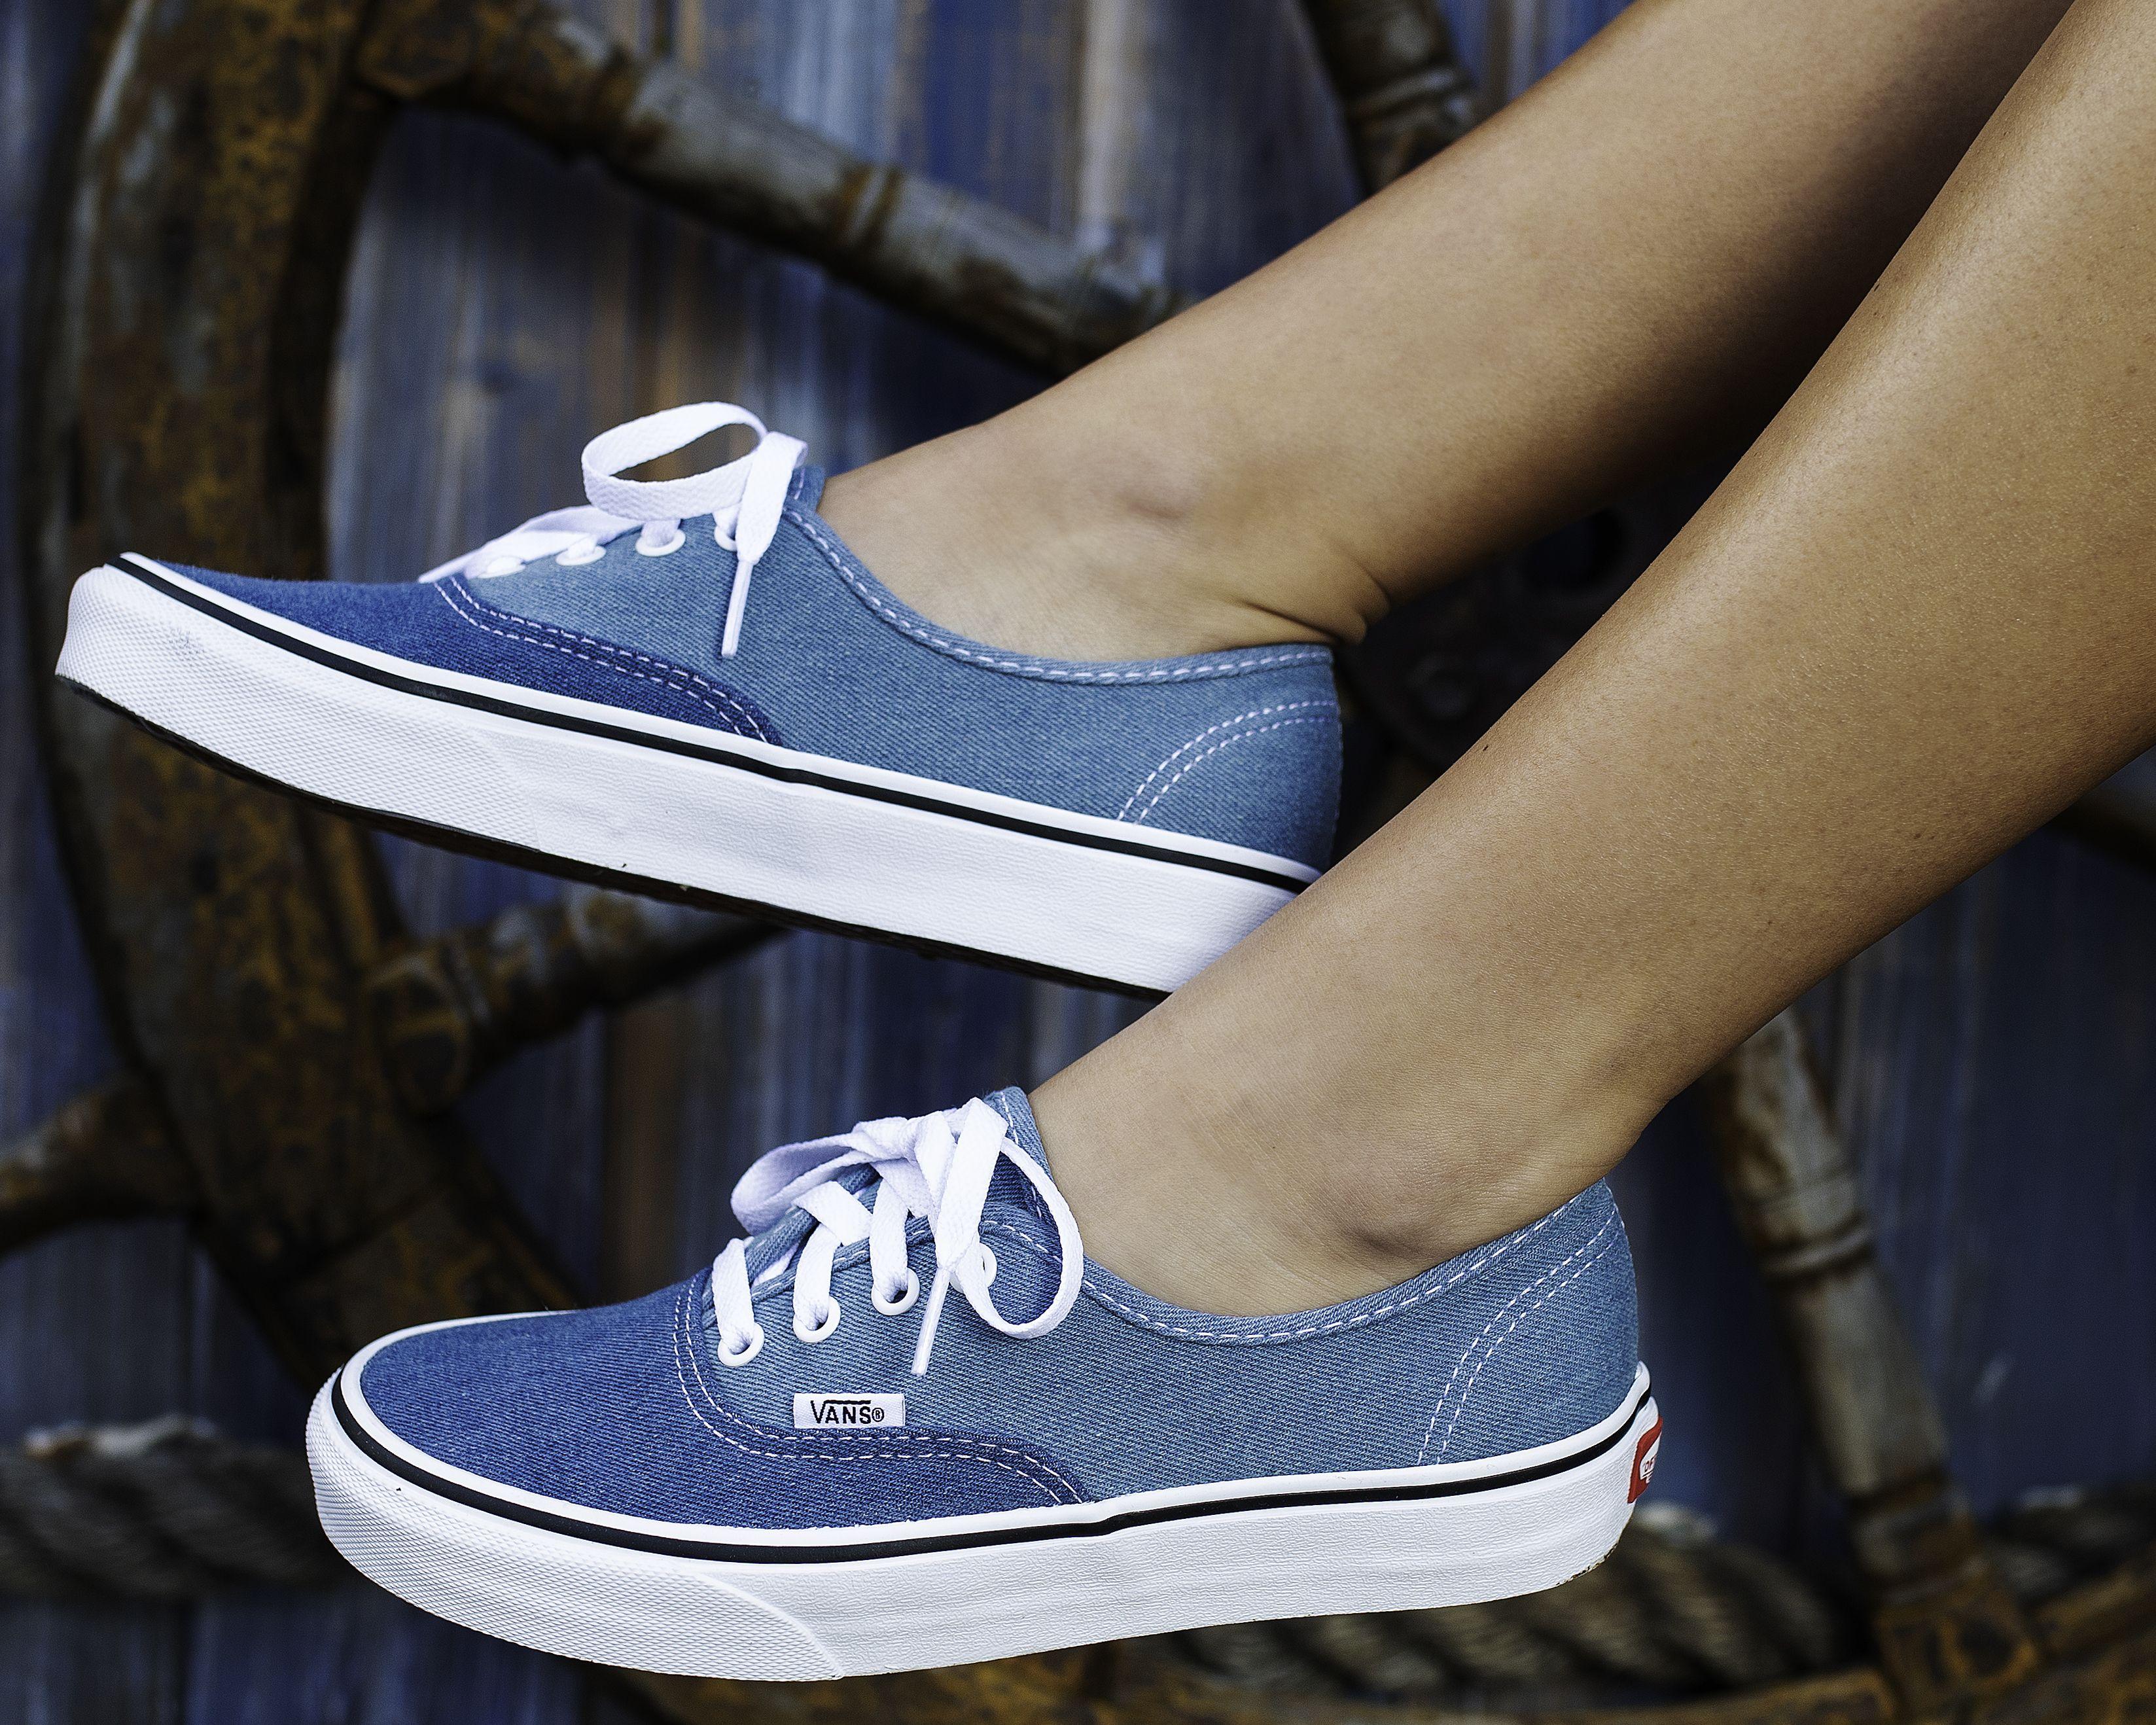 97cffc82d21edb Vans Womens Authentic Shoes